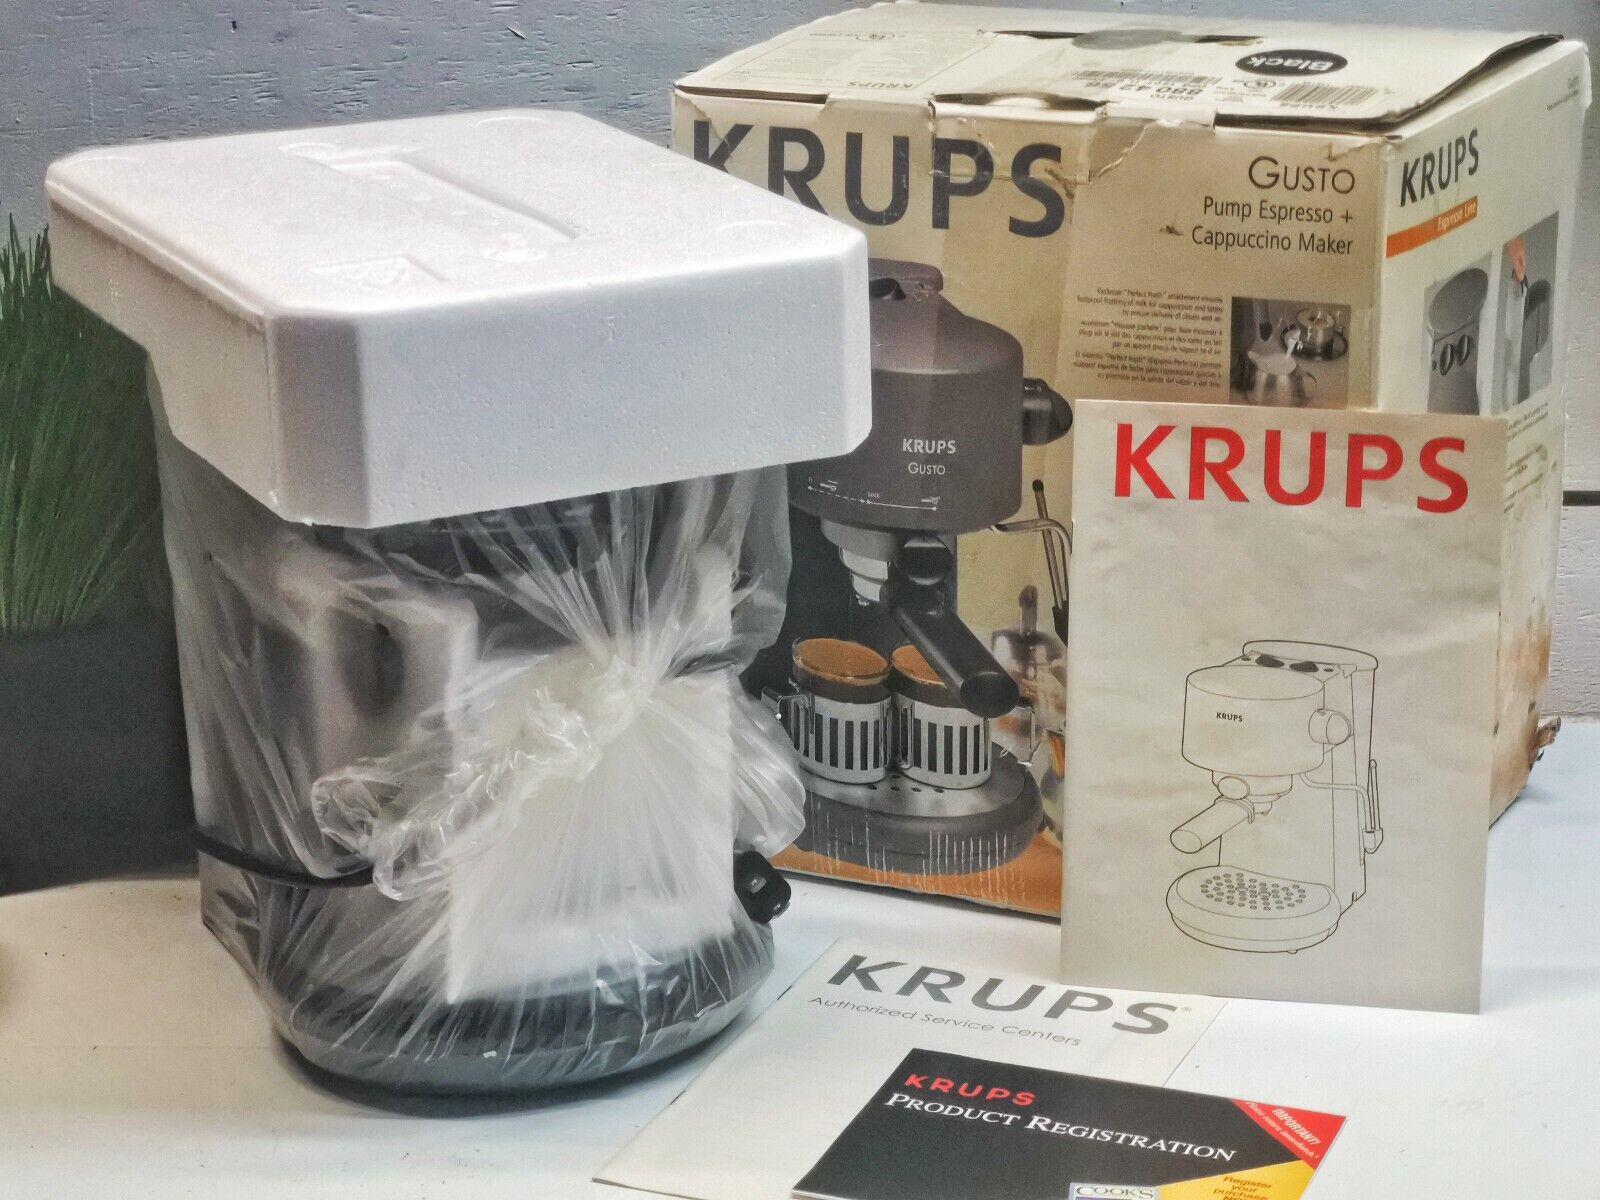 Krups F 880 42 Vivo schwarz Espressoautomat